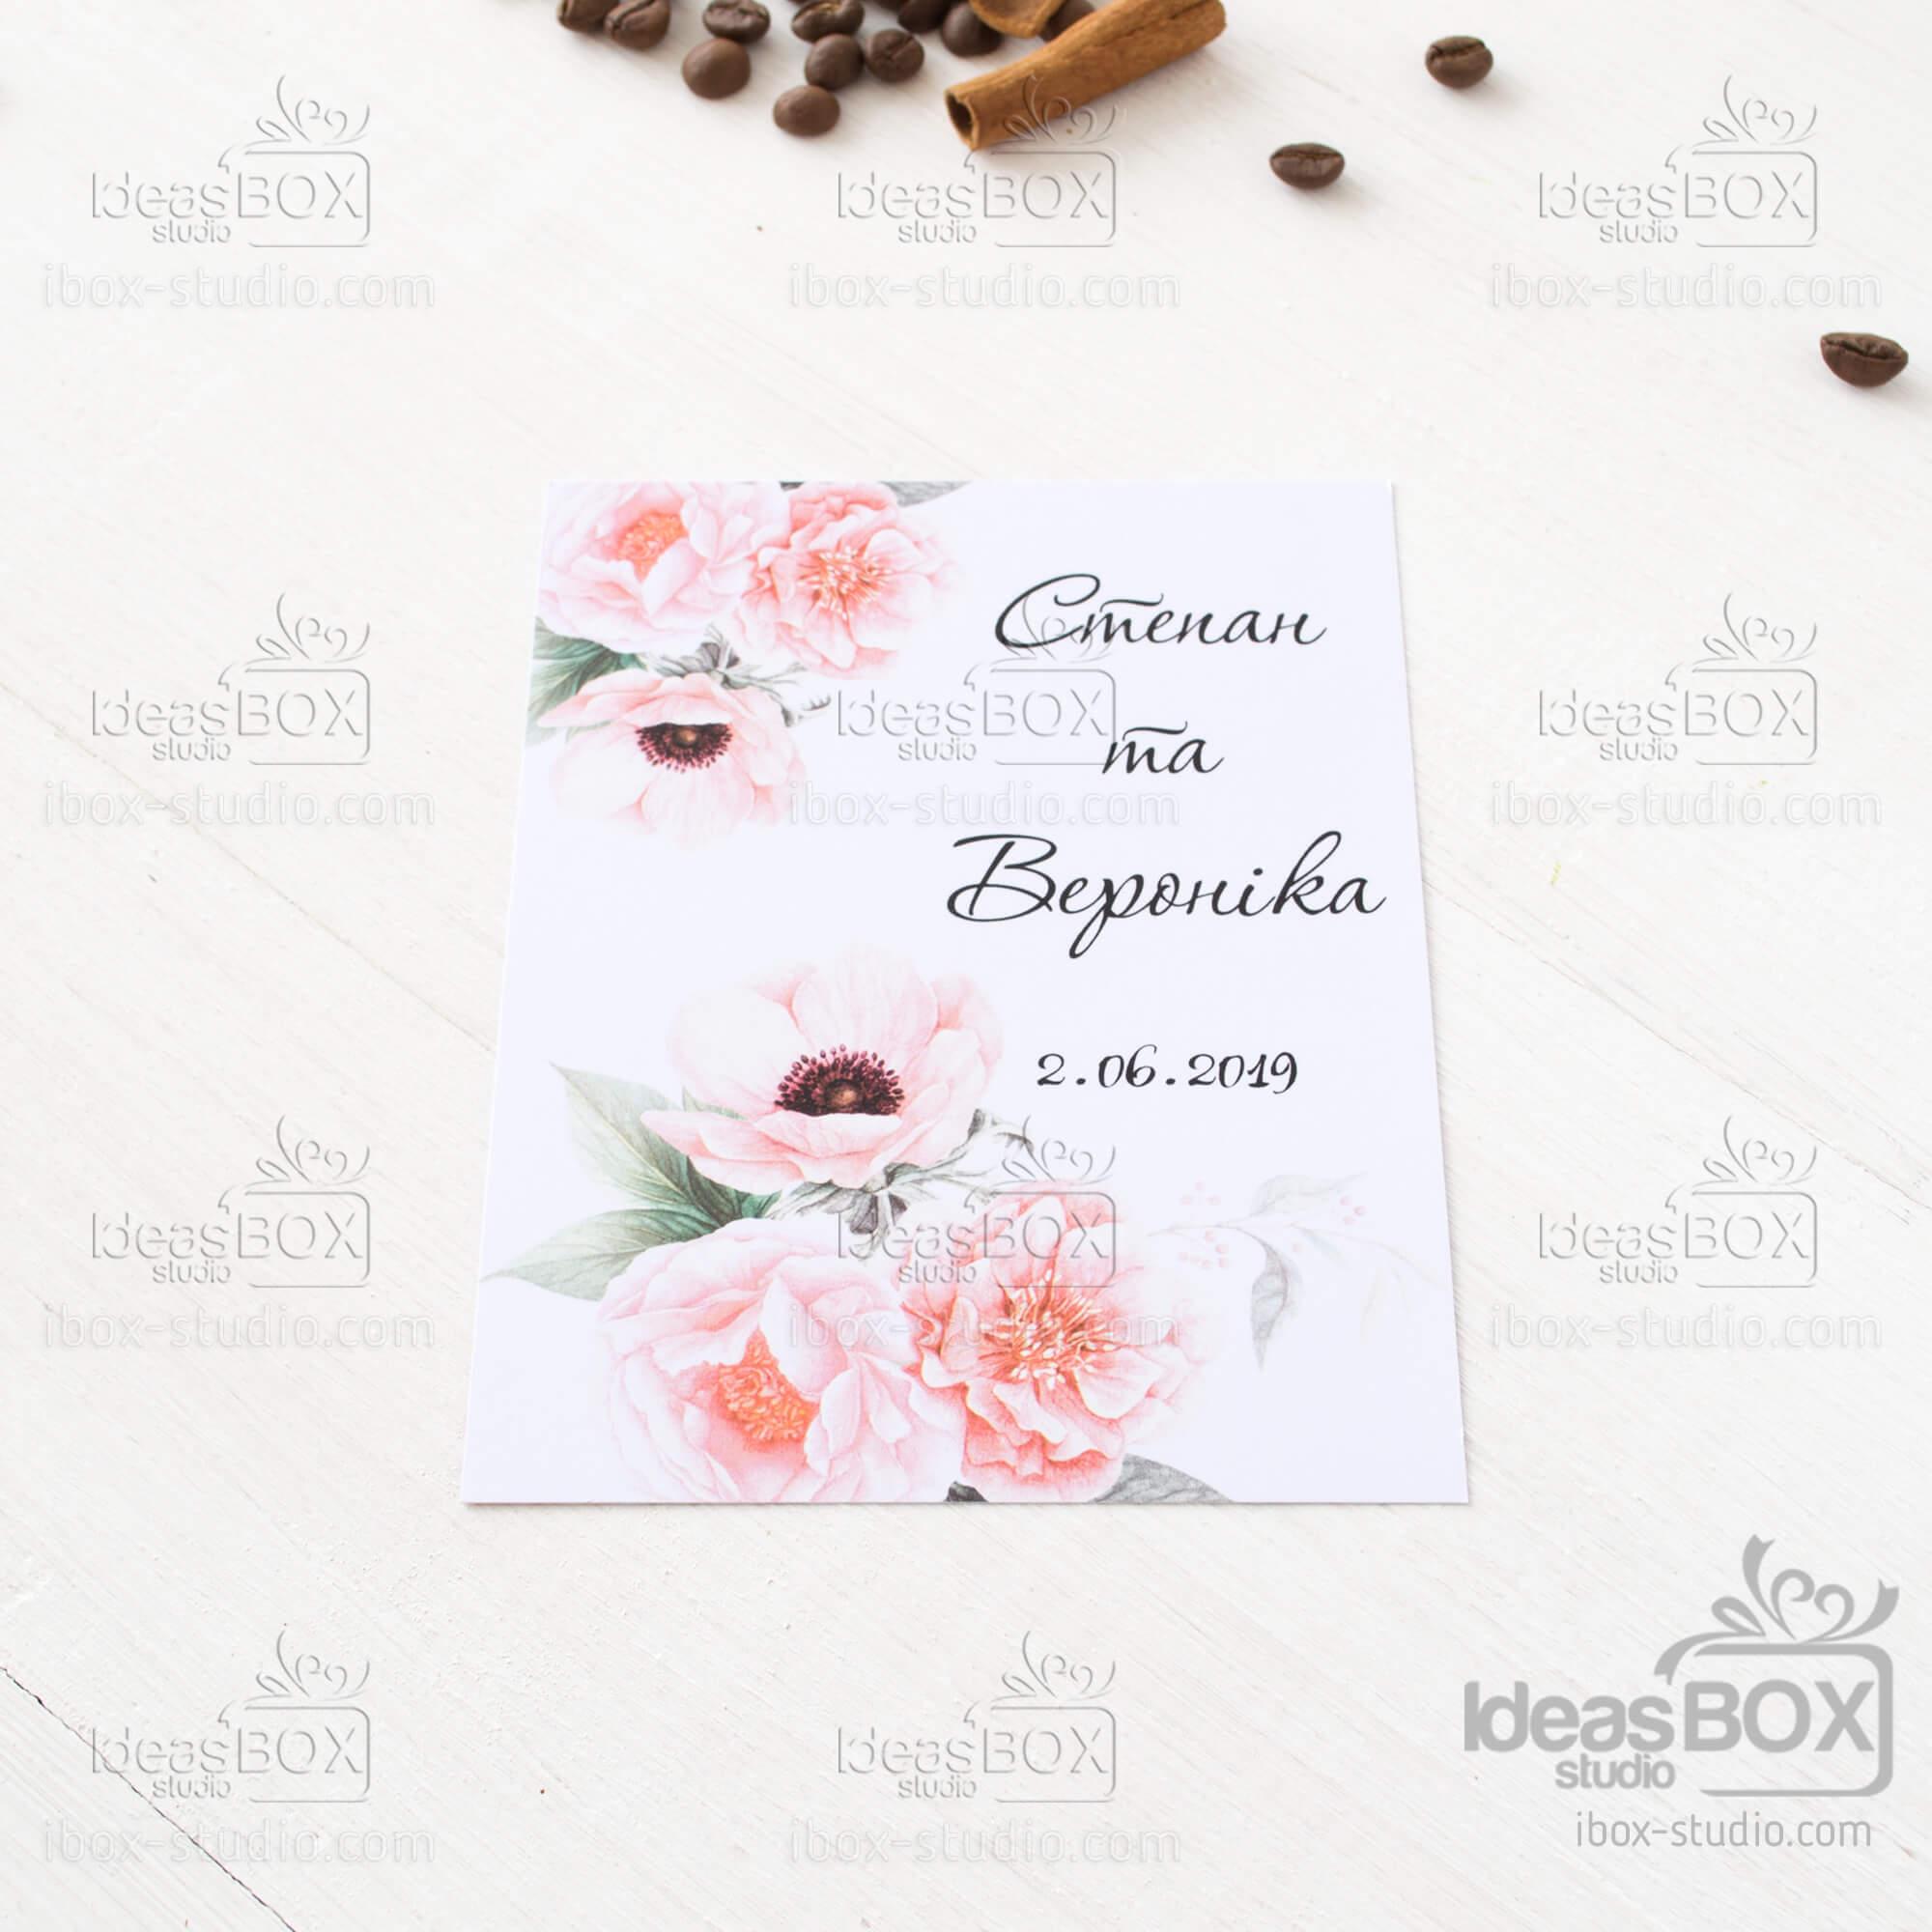 Запрошення на весілля з сургучевою печаткою